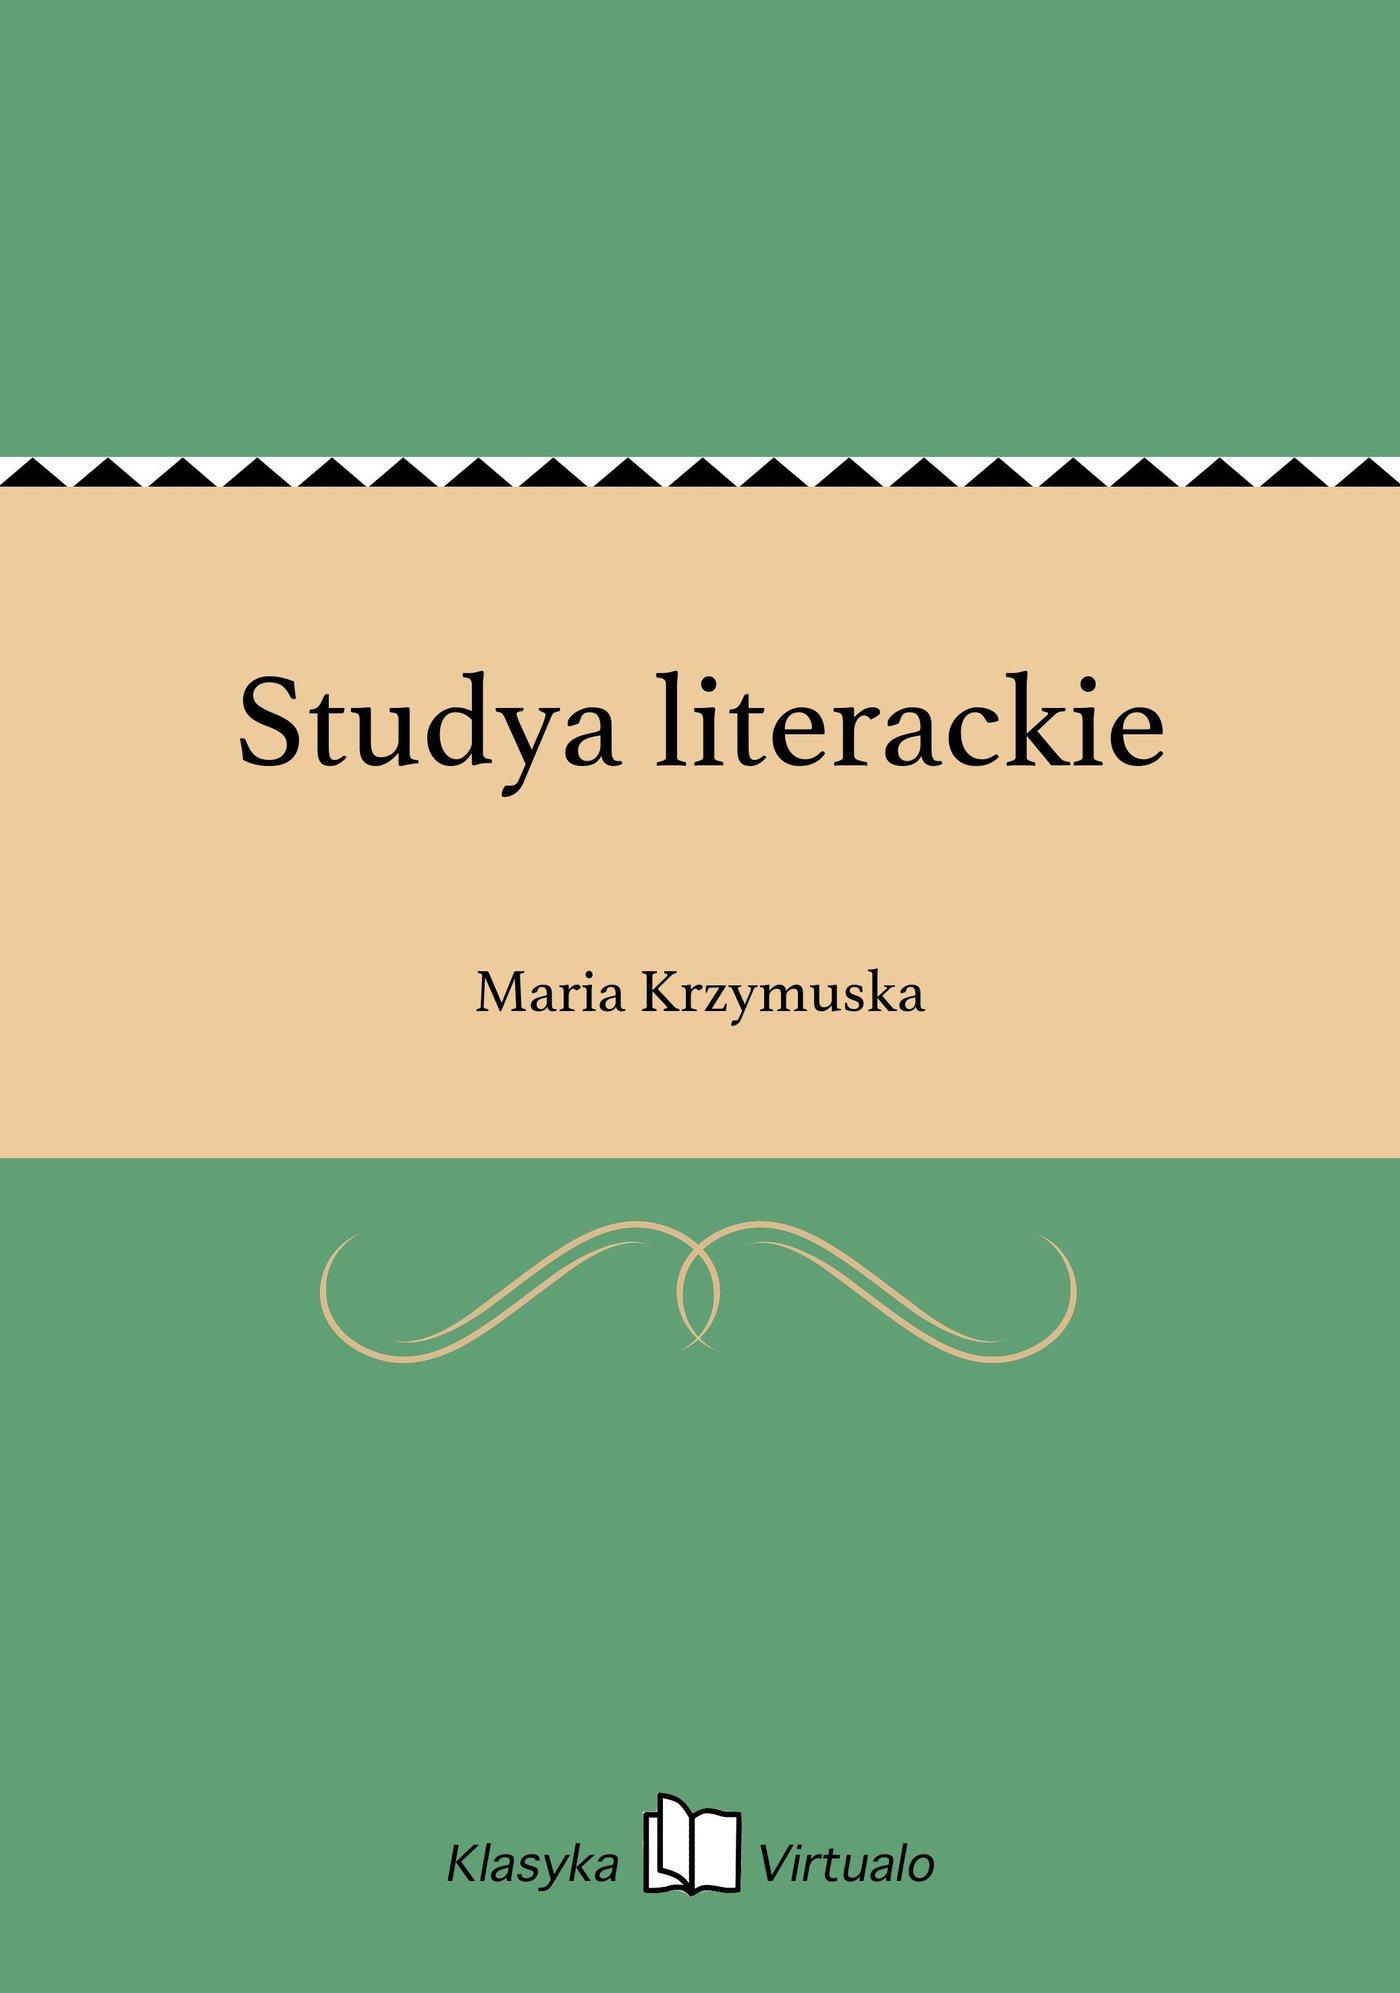 Studya literackie - Ebook (Książka EPUB) do pobrania w formacie EPUB